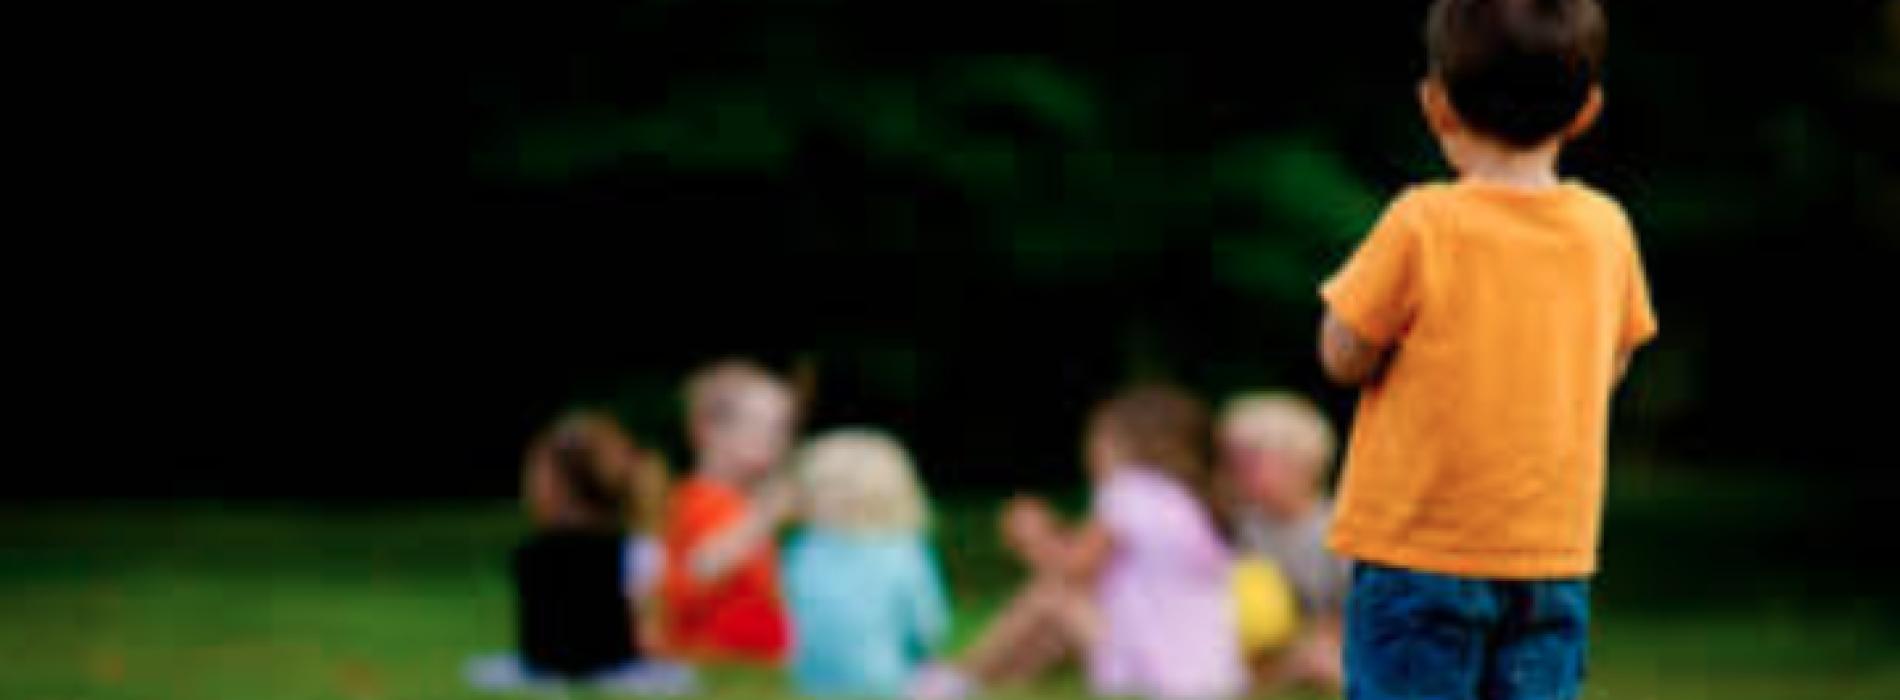 Autismo e l'impegno della scuola. Il convegno a Caserta